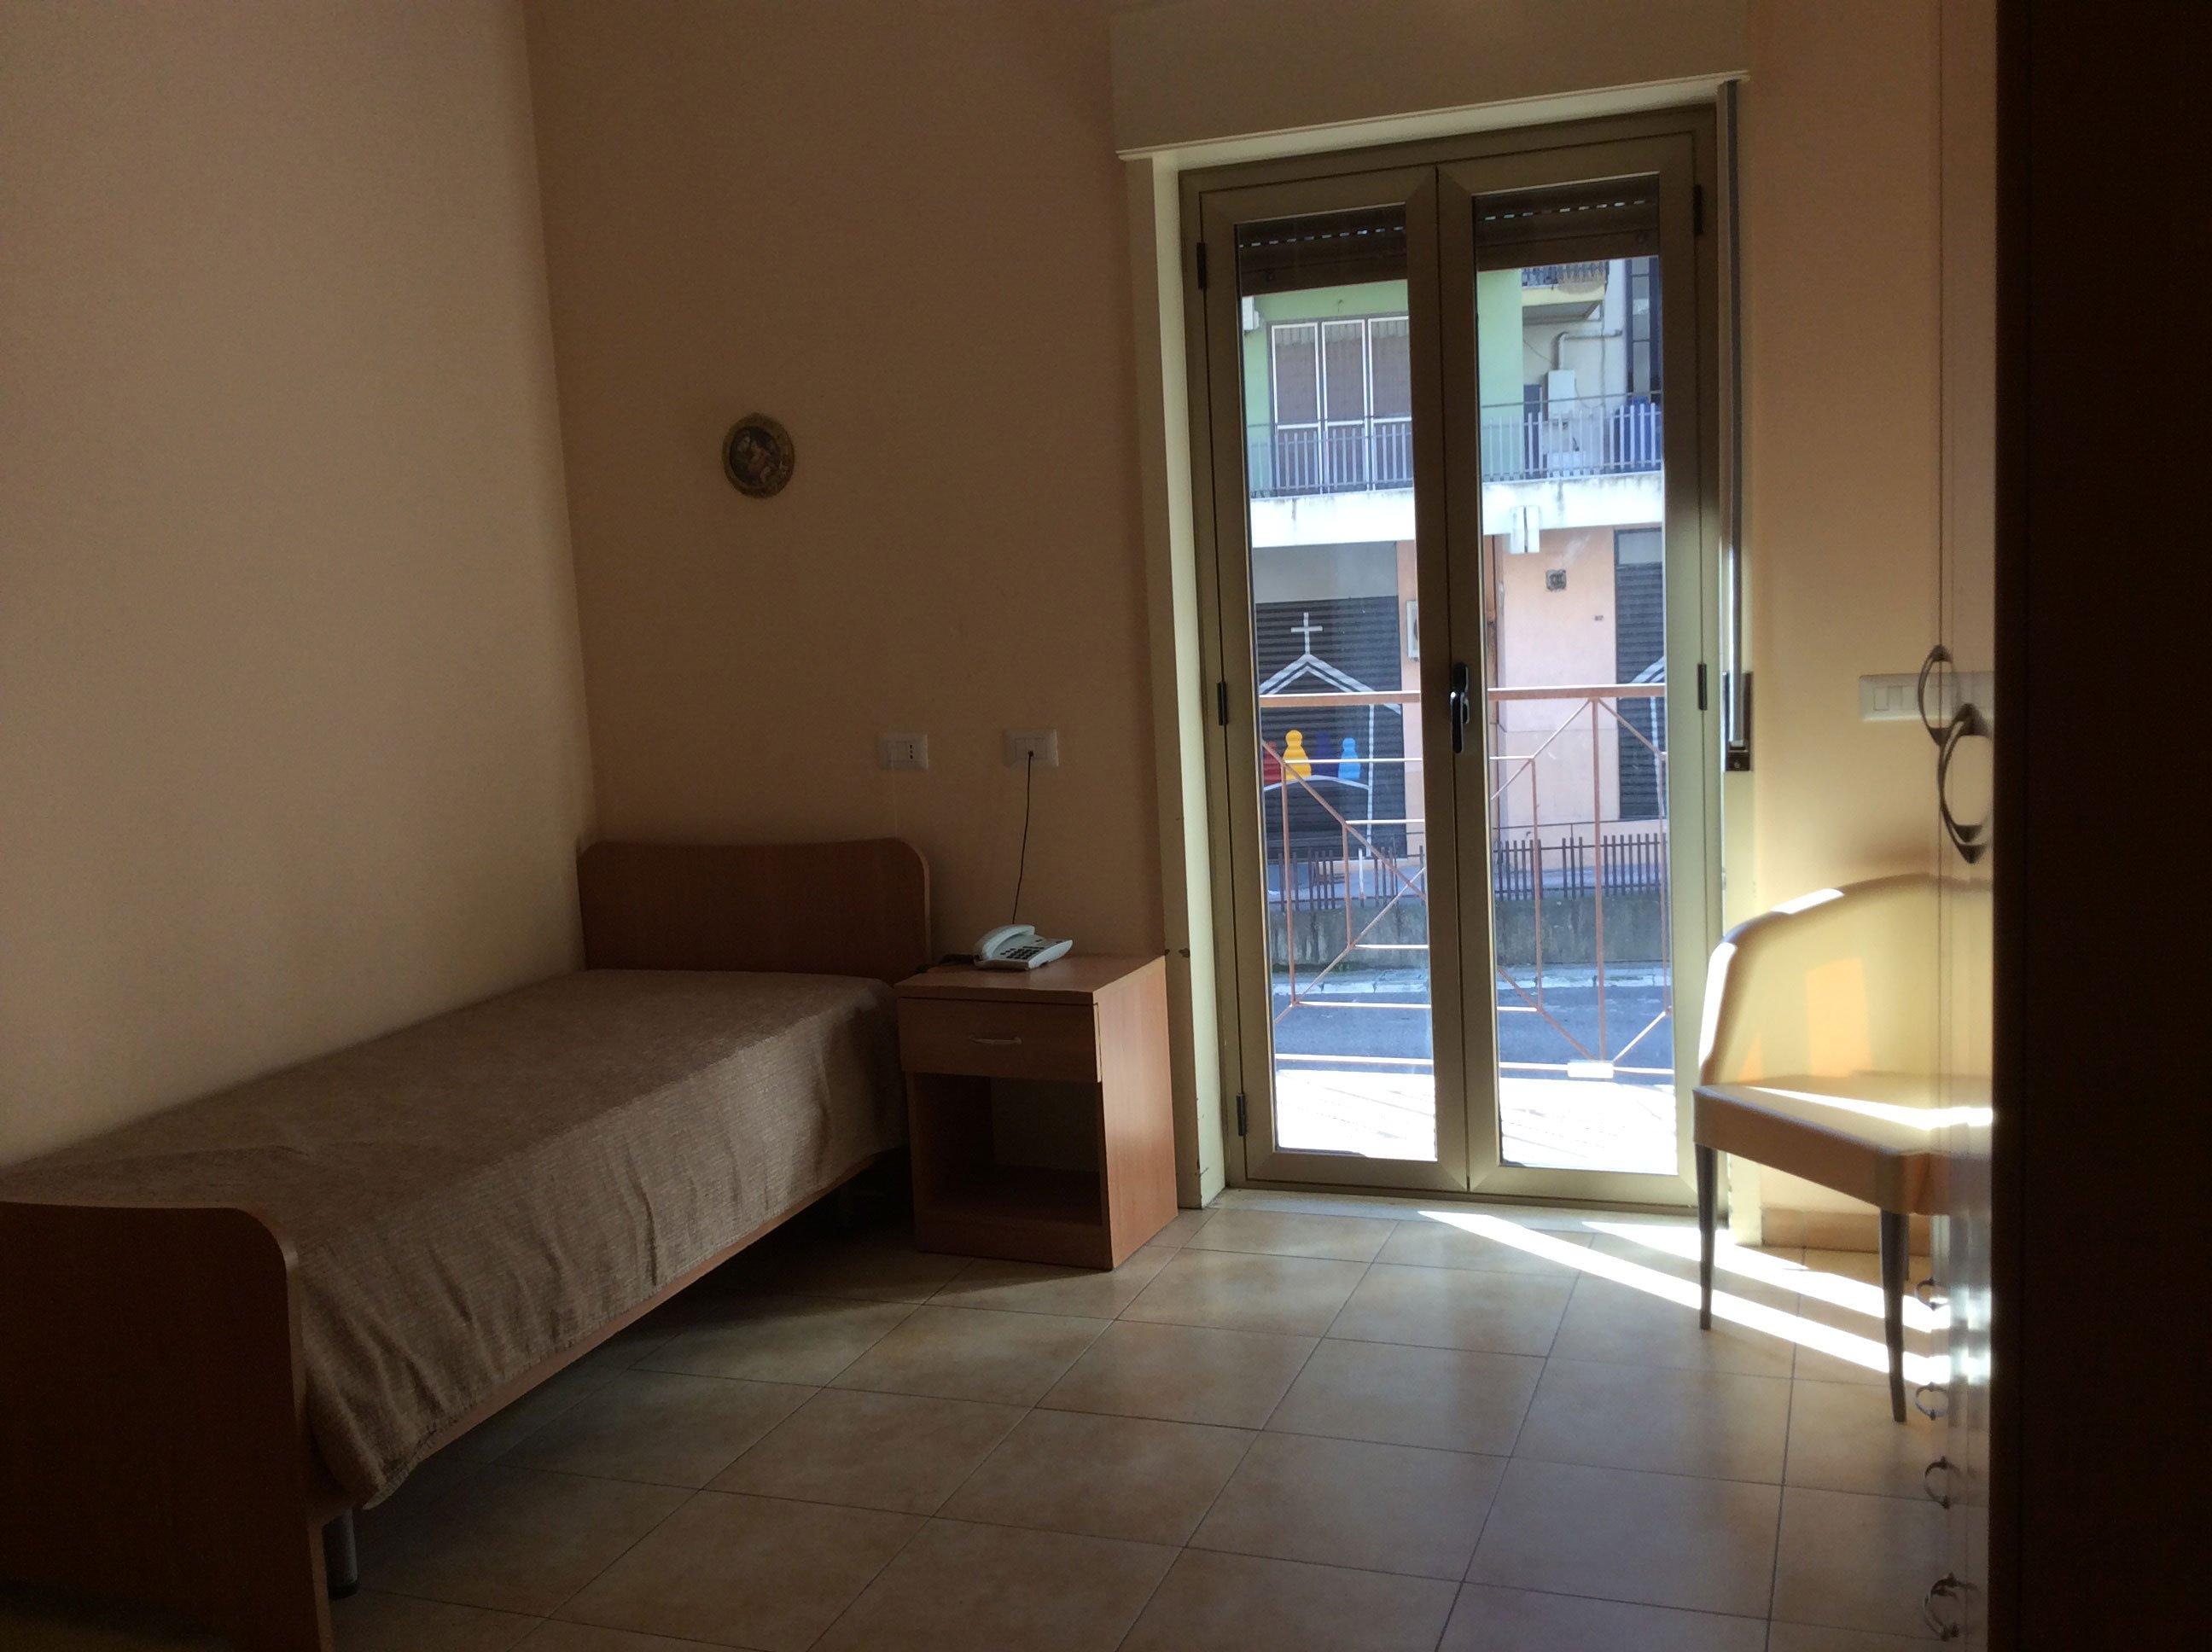 stanza con un letto e un comodino sulla sinistra, in mezzo una porta finestra e sulla destra una sedia